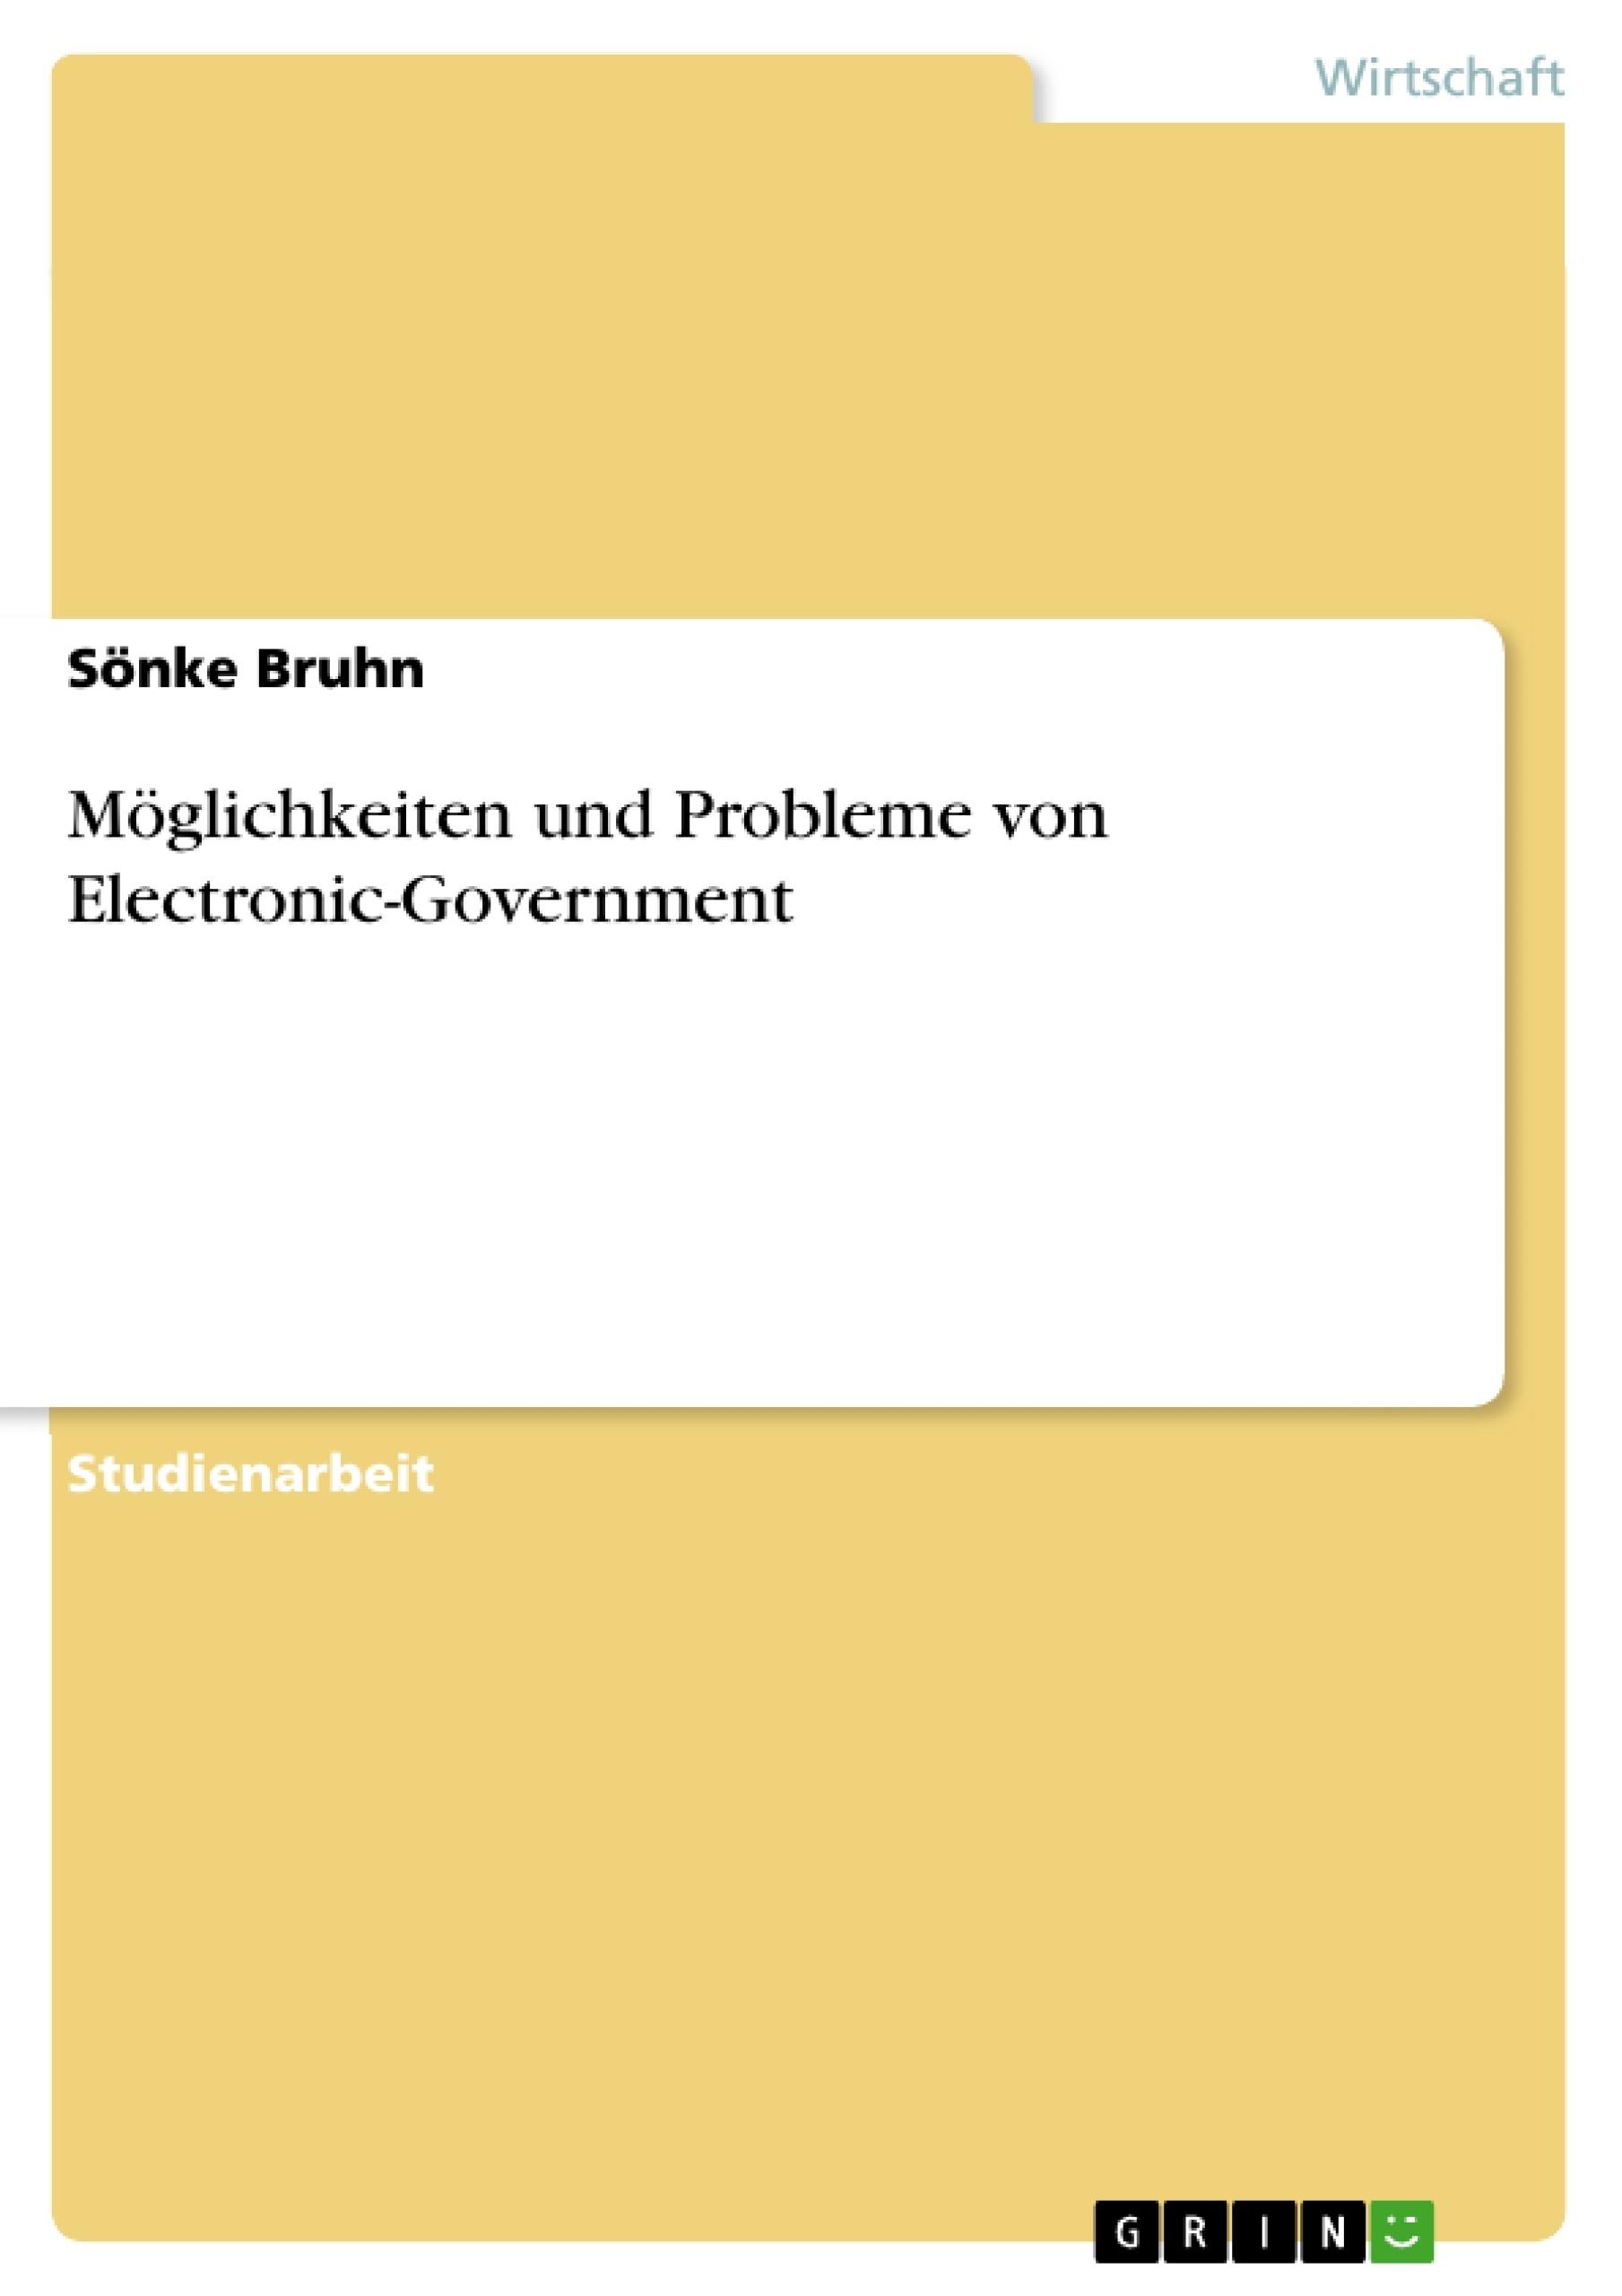 Titel: Möglichkeiten und Probleme von Electronic-Government